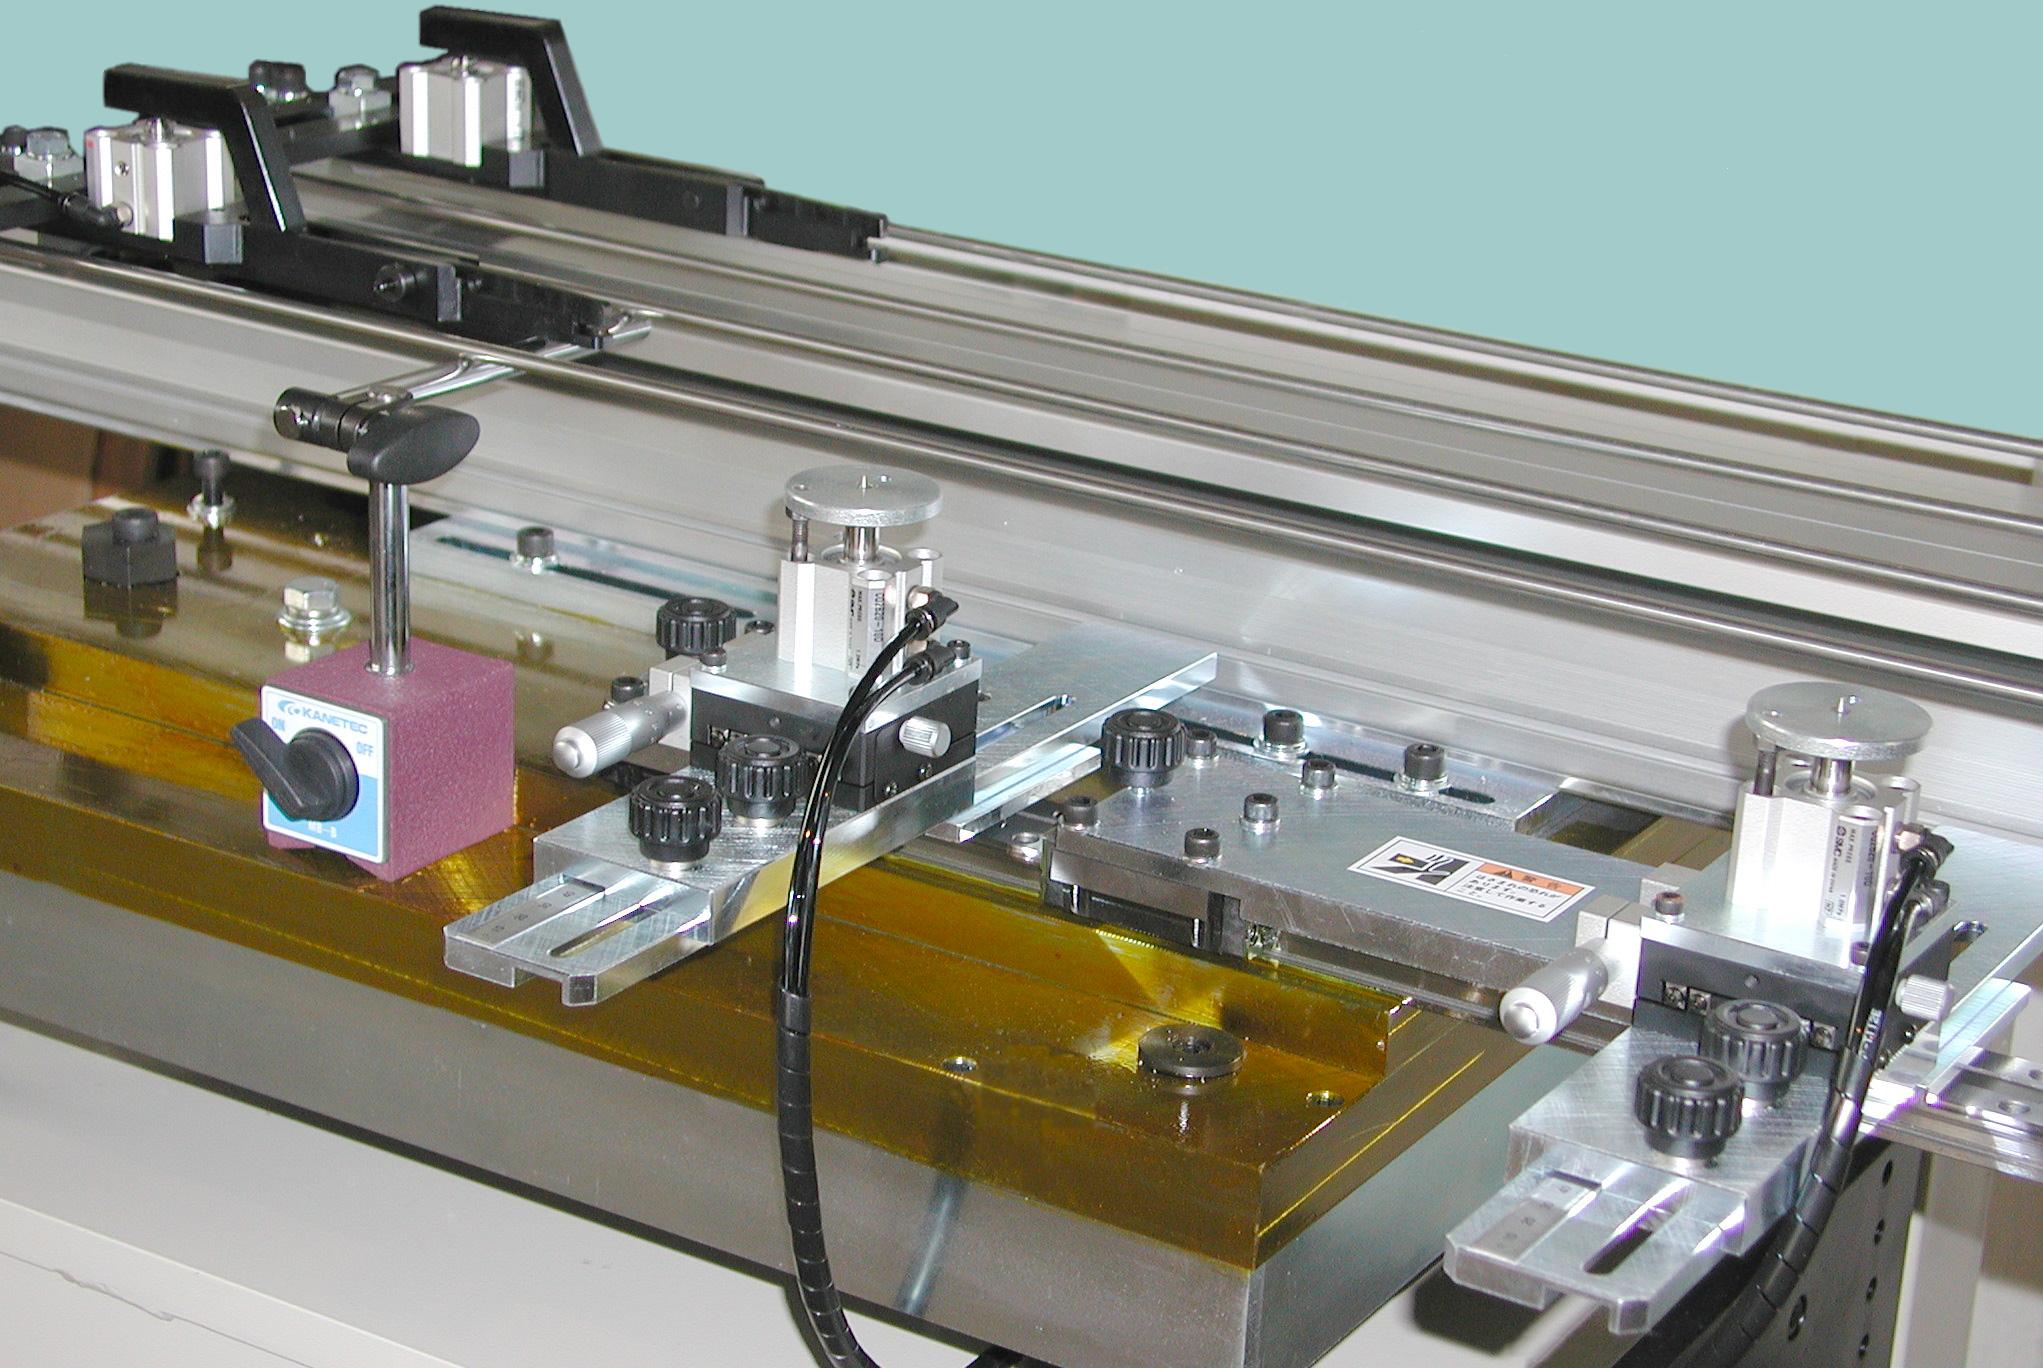 銘板ロボ 1軸送り装置